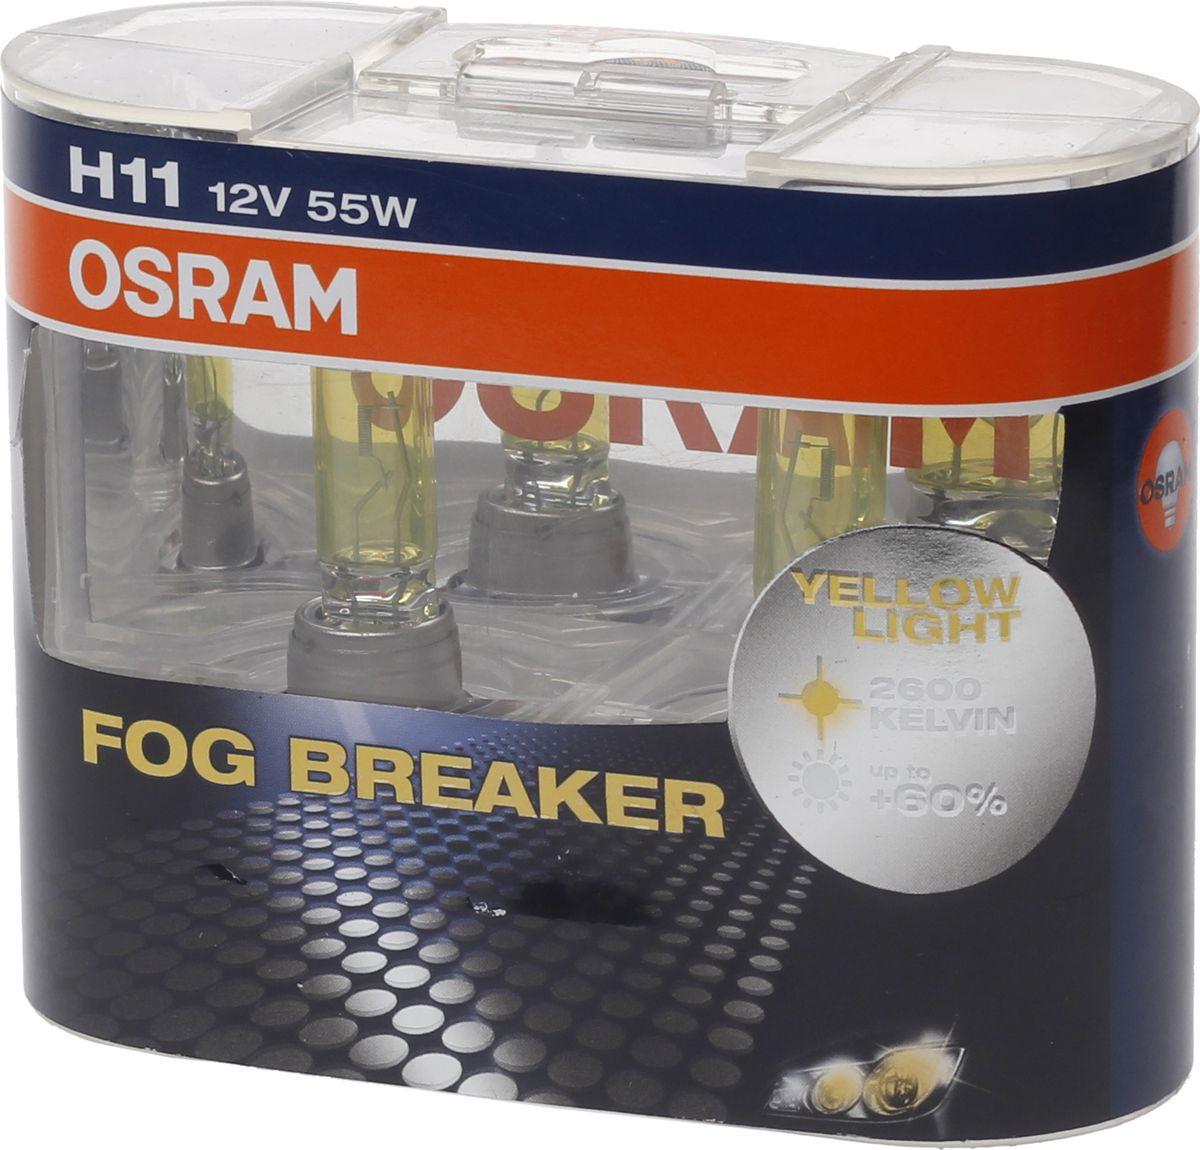 Лампа автомобильная Osram H11 (55) PGJ19-2+60% Fog Breaker 2600К 12V, 64211FBRHCB, 2 шт лампа галогенная osram hb3 2600к fog breaker 60